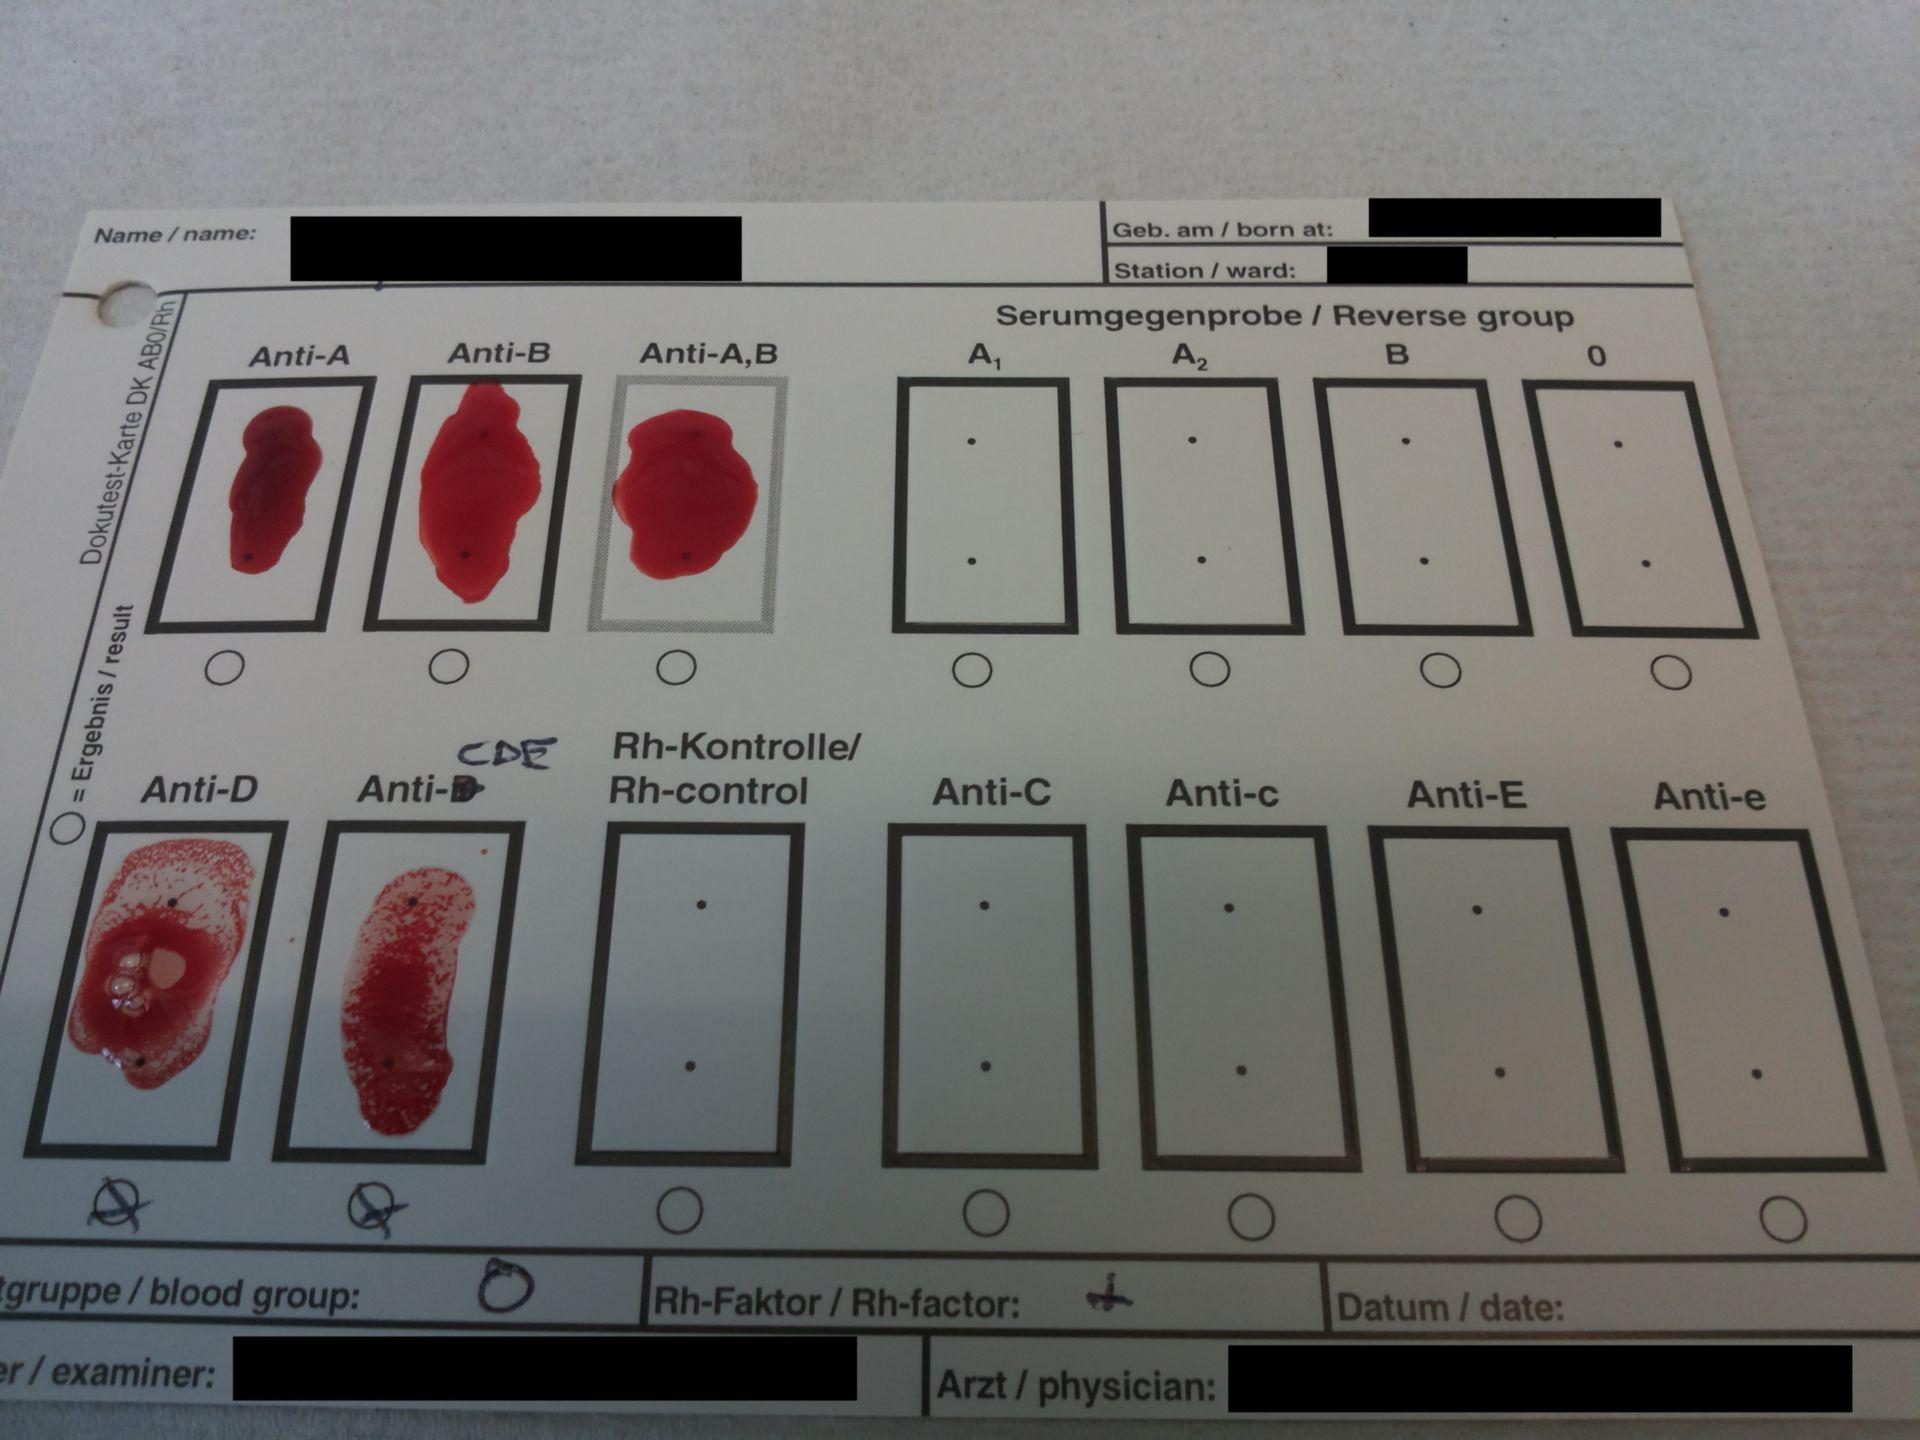 Docu Test Card